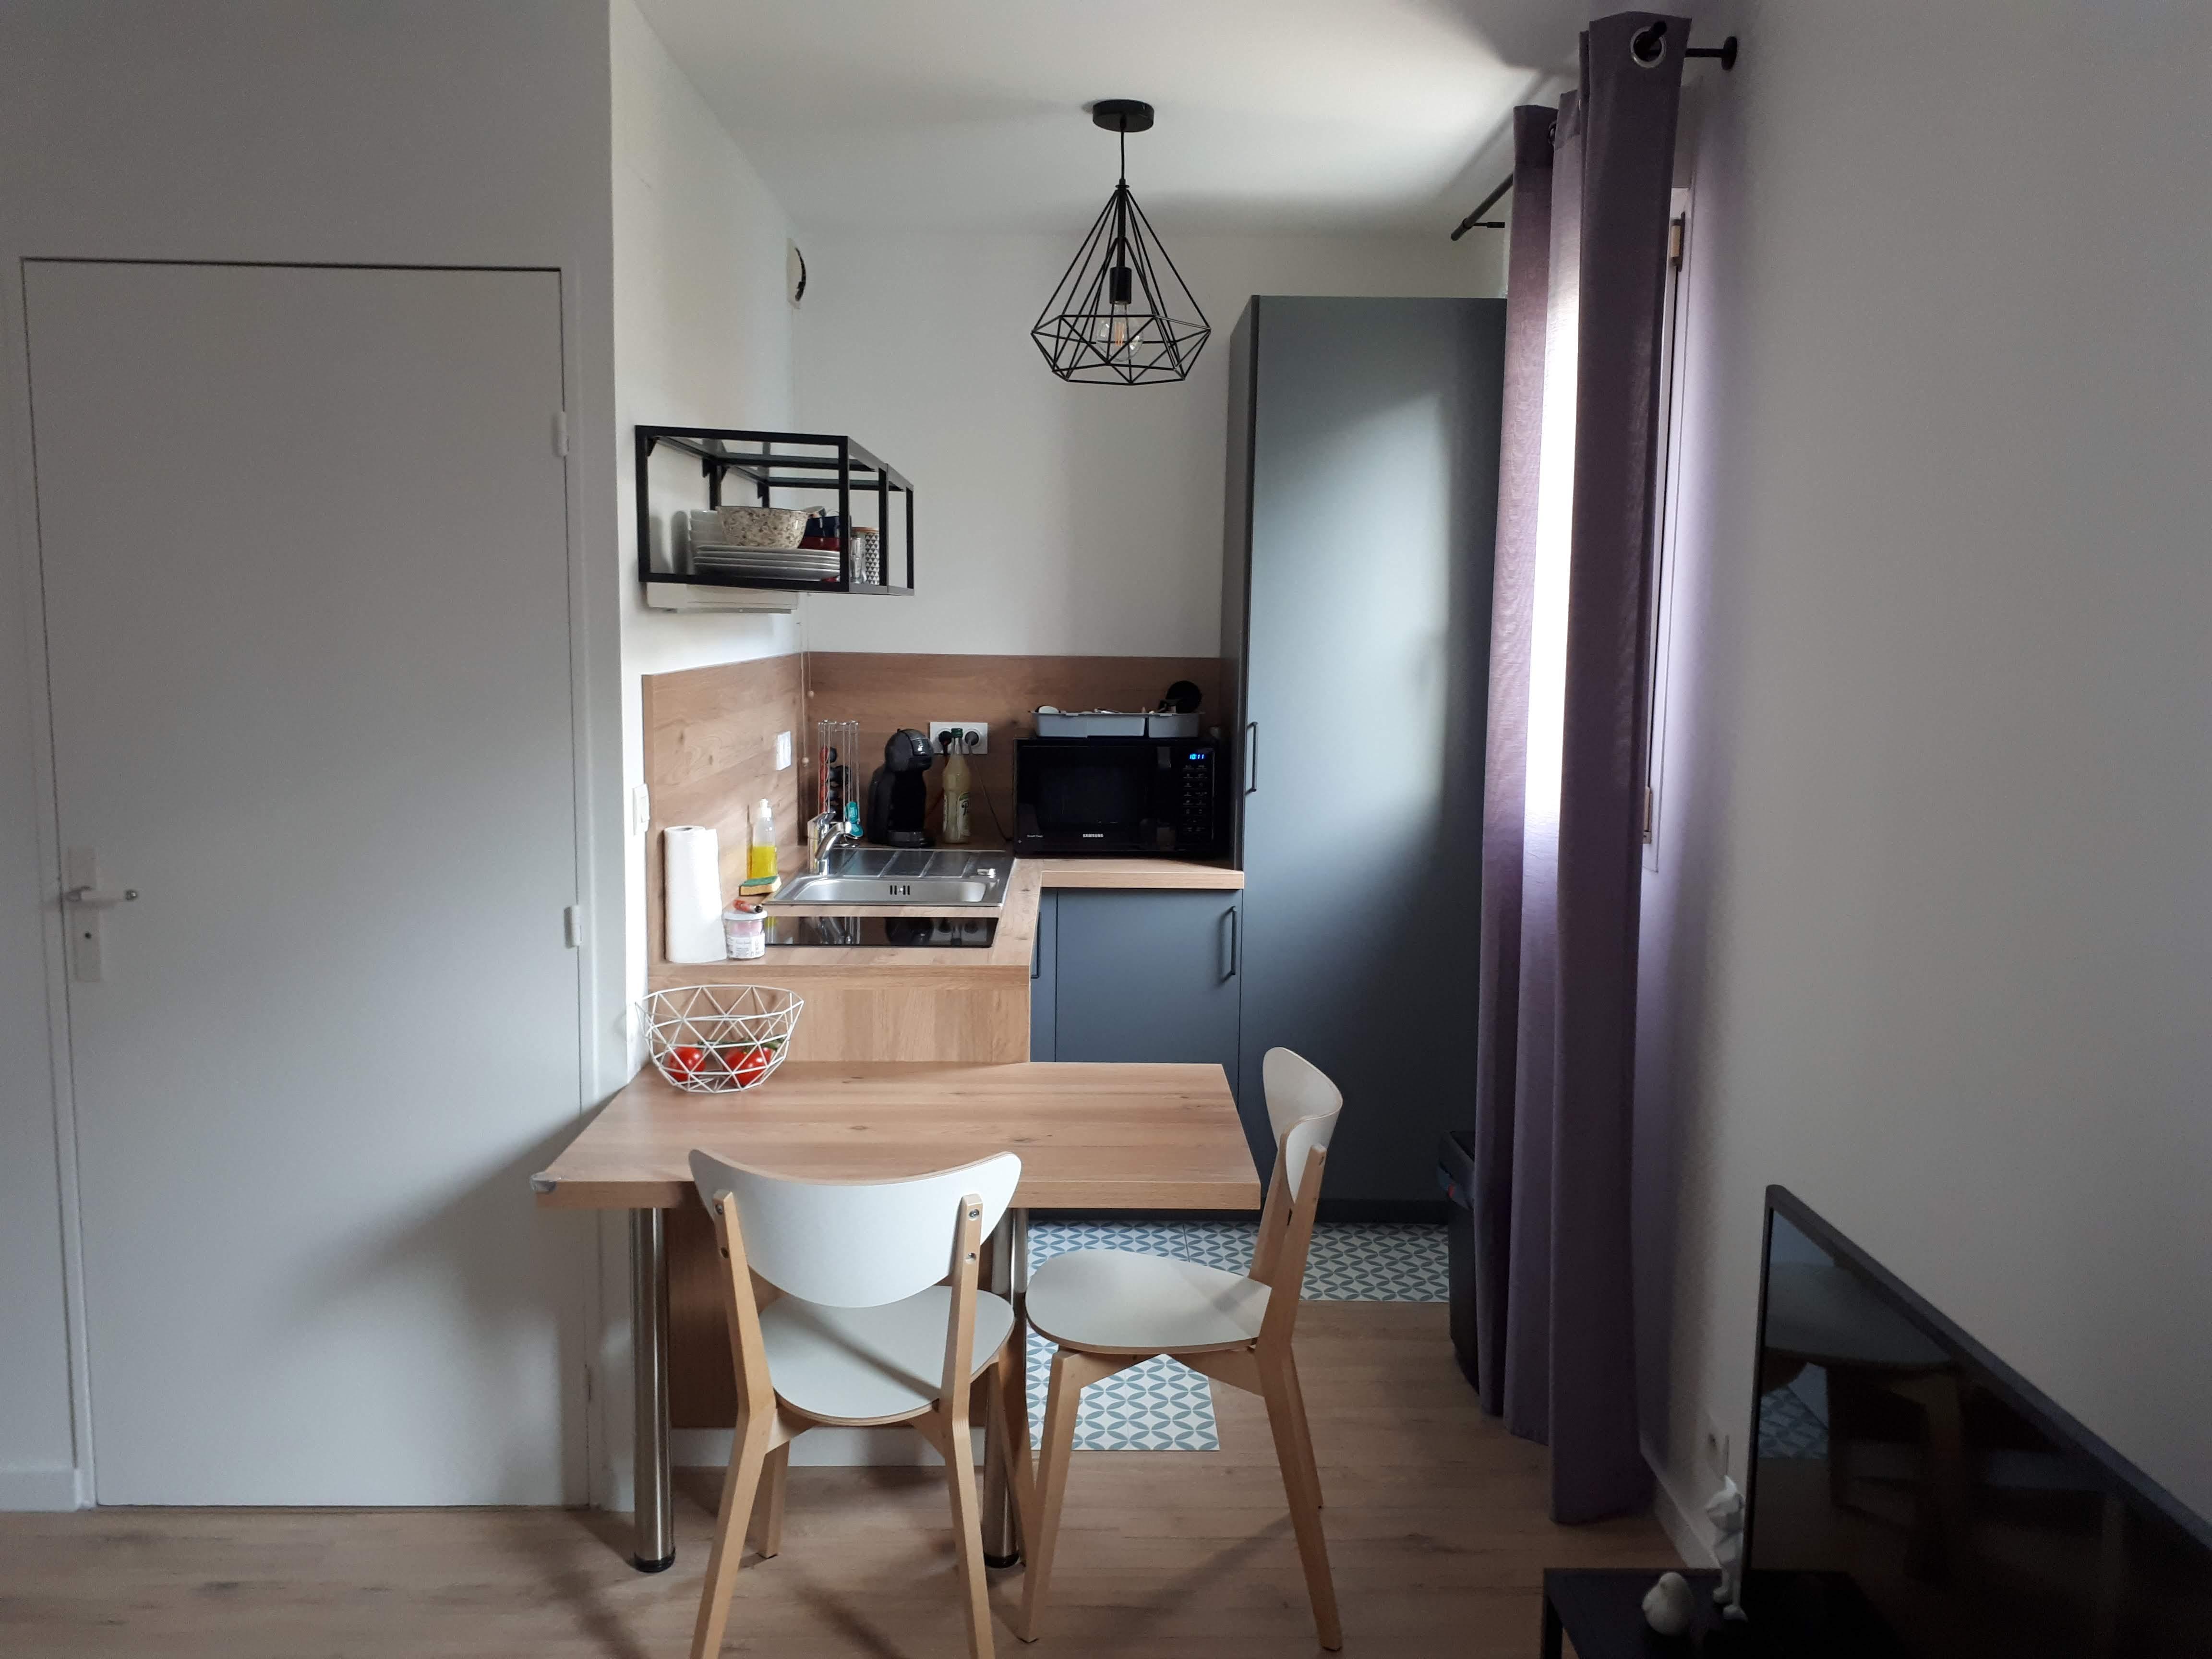 Rénovation totale d'un appartement (1)